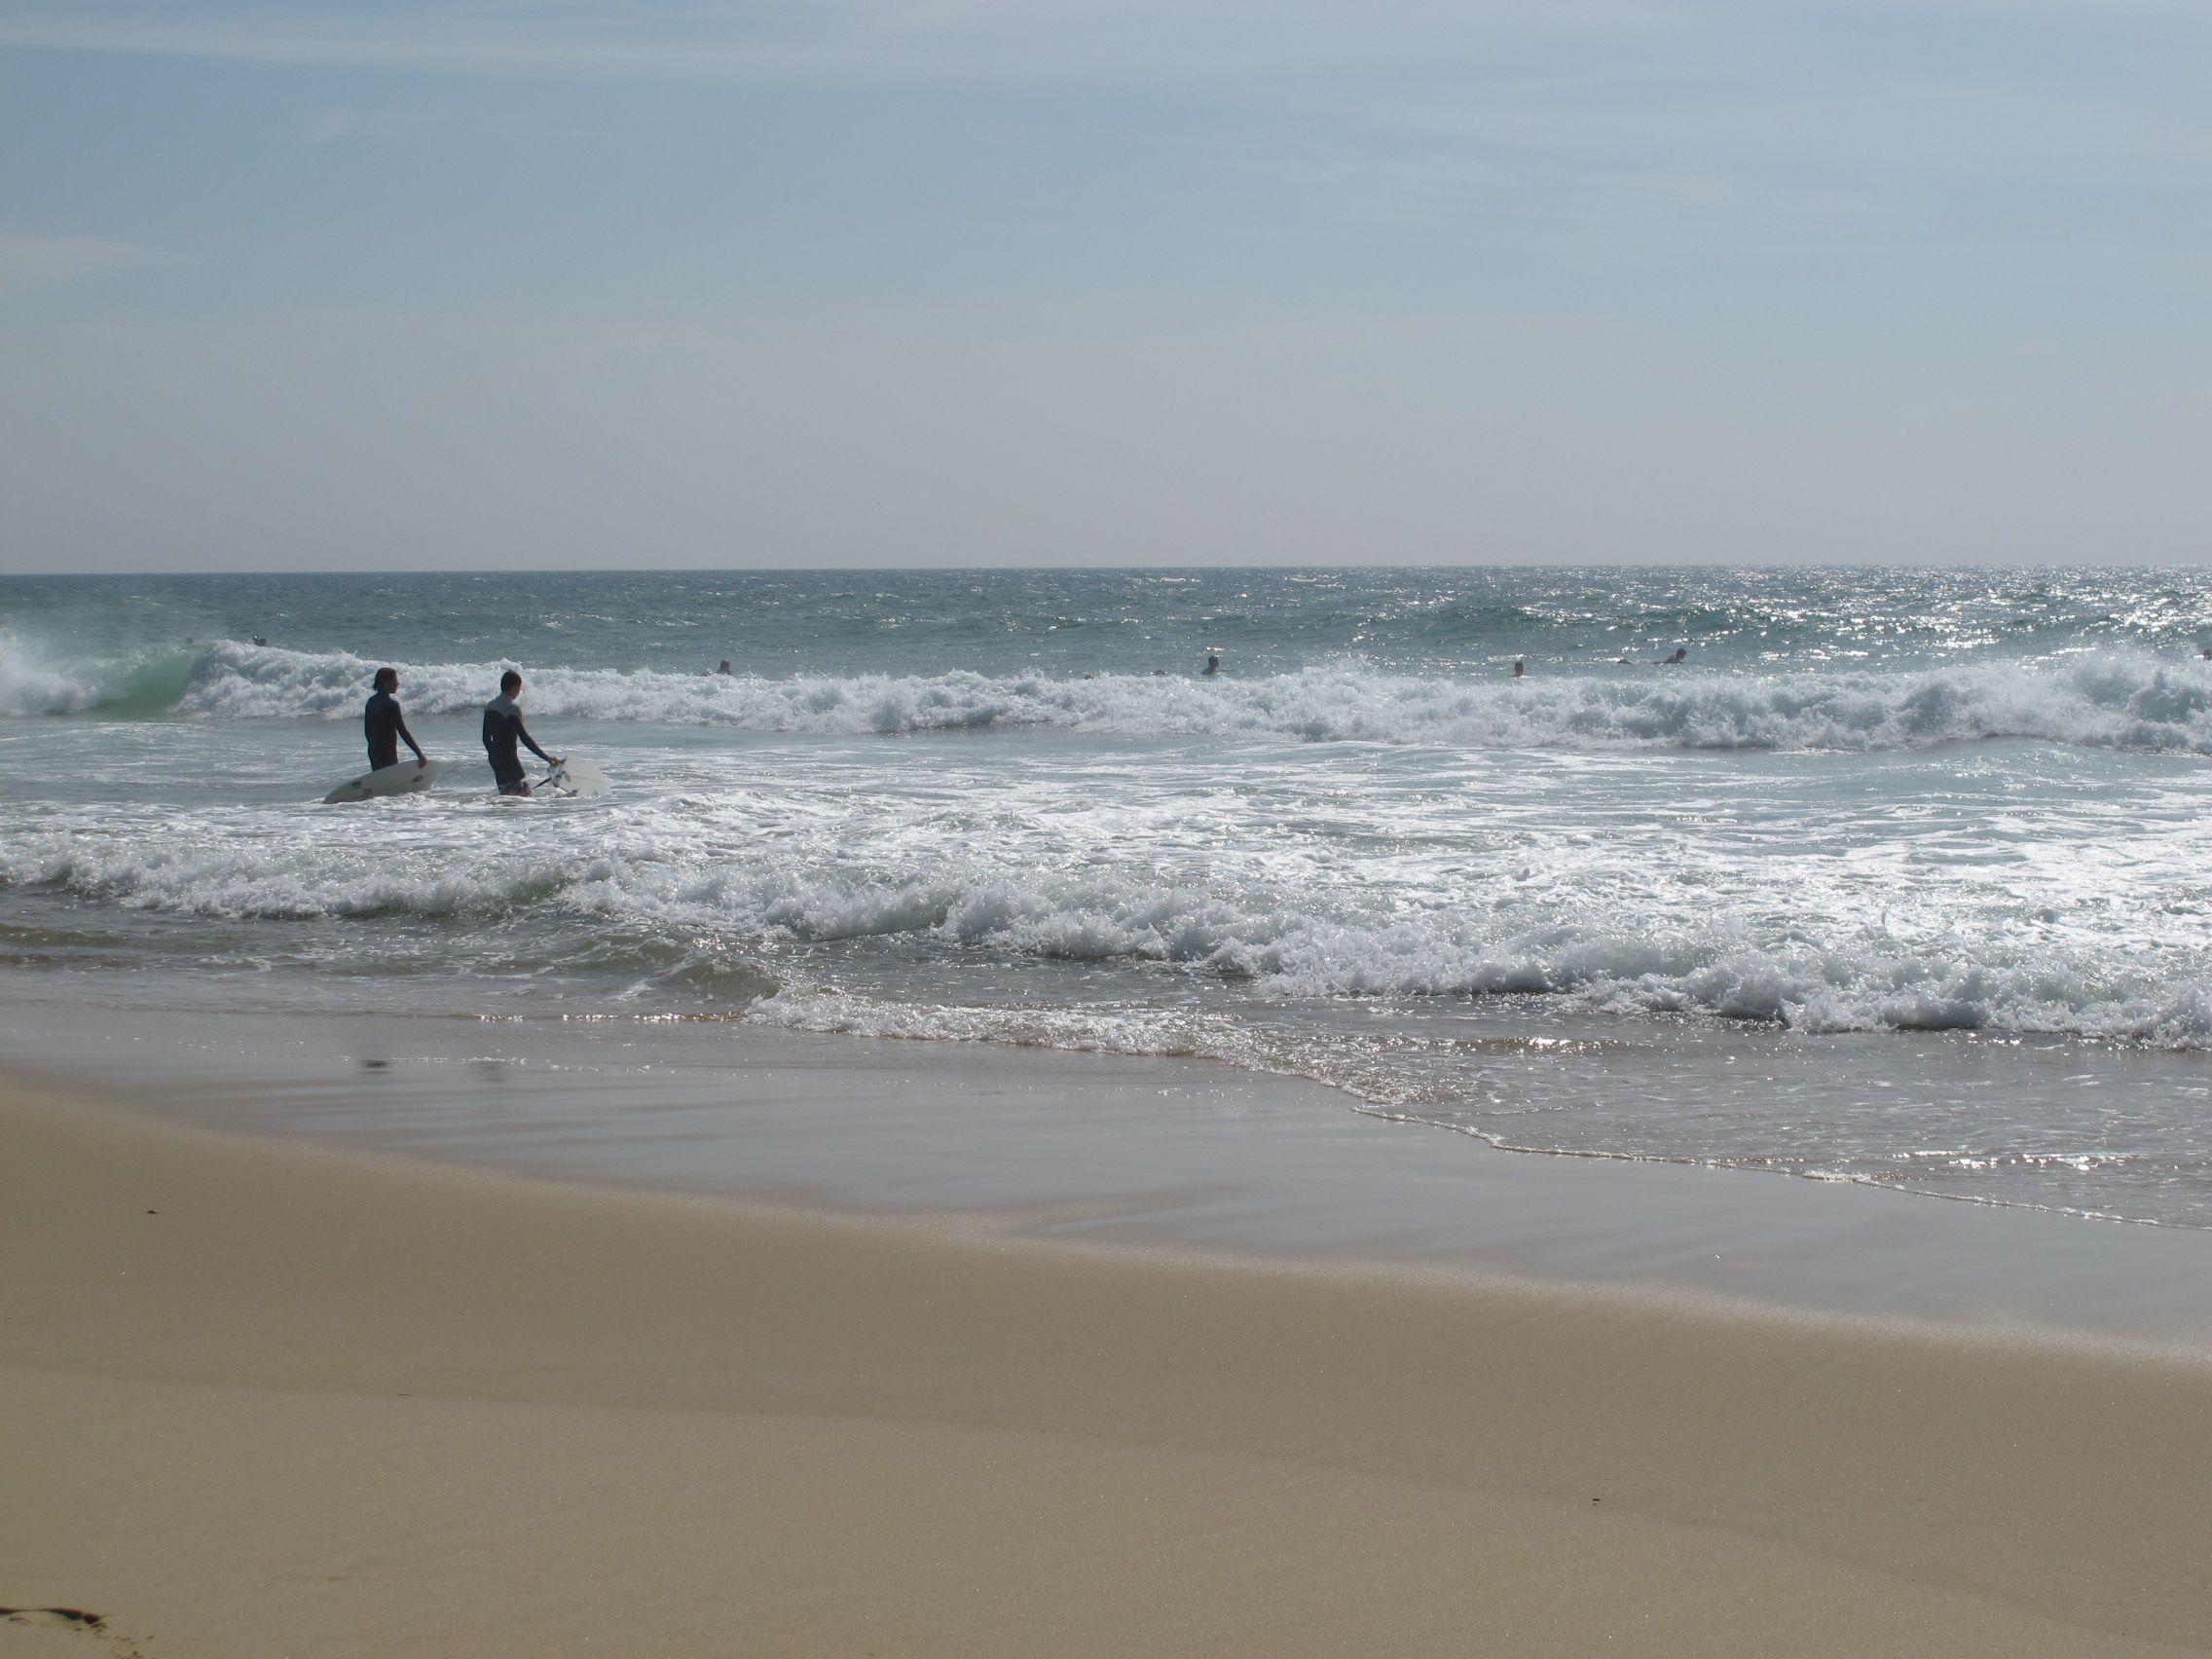 SurferB